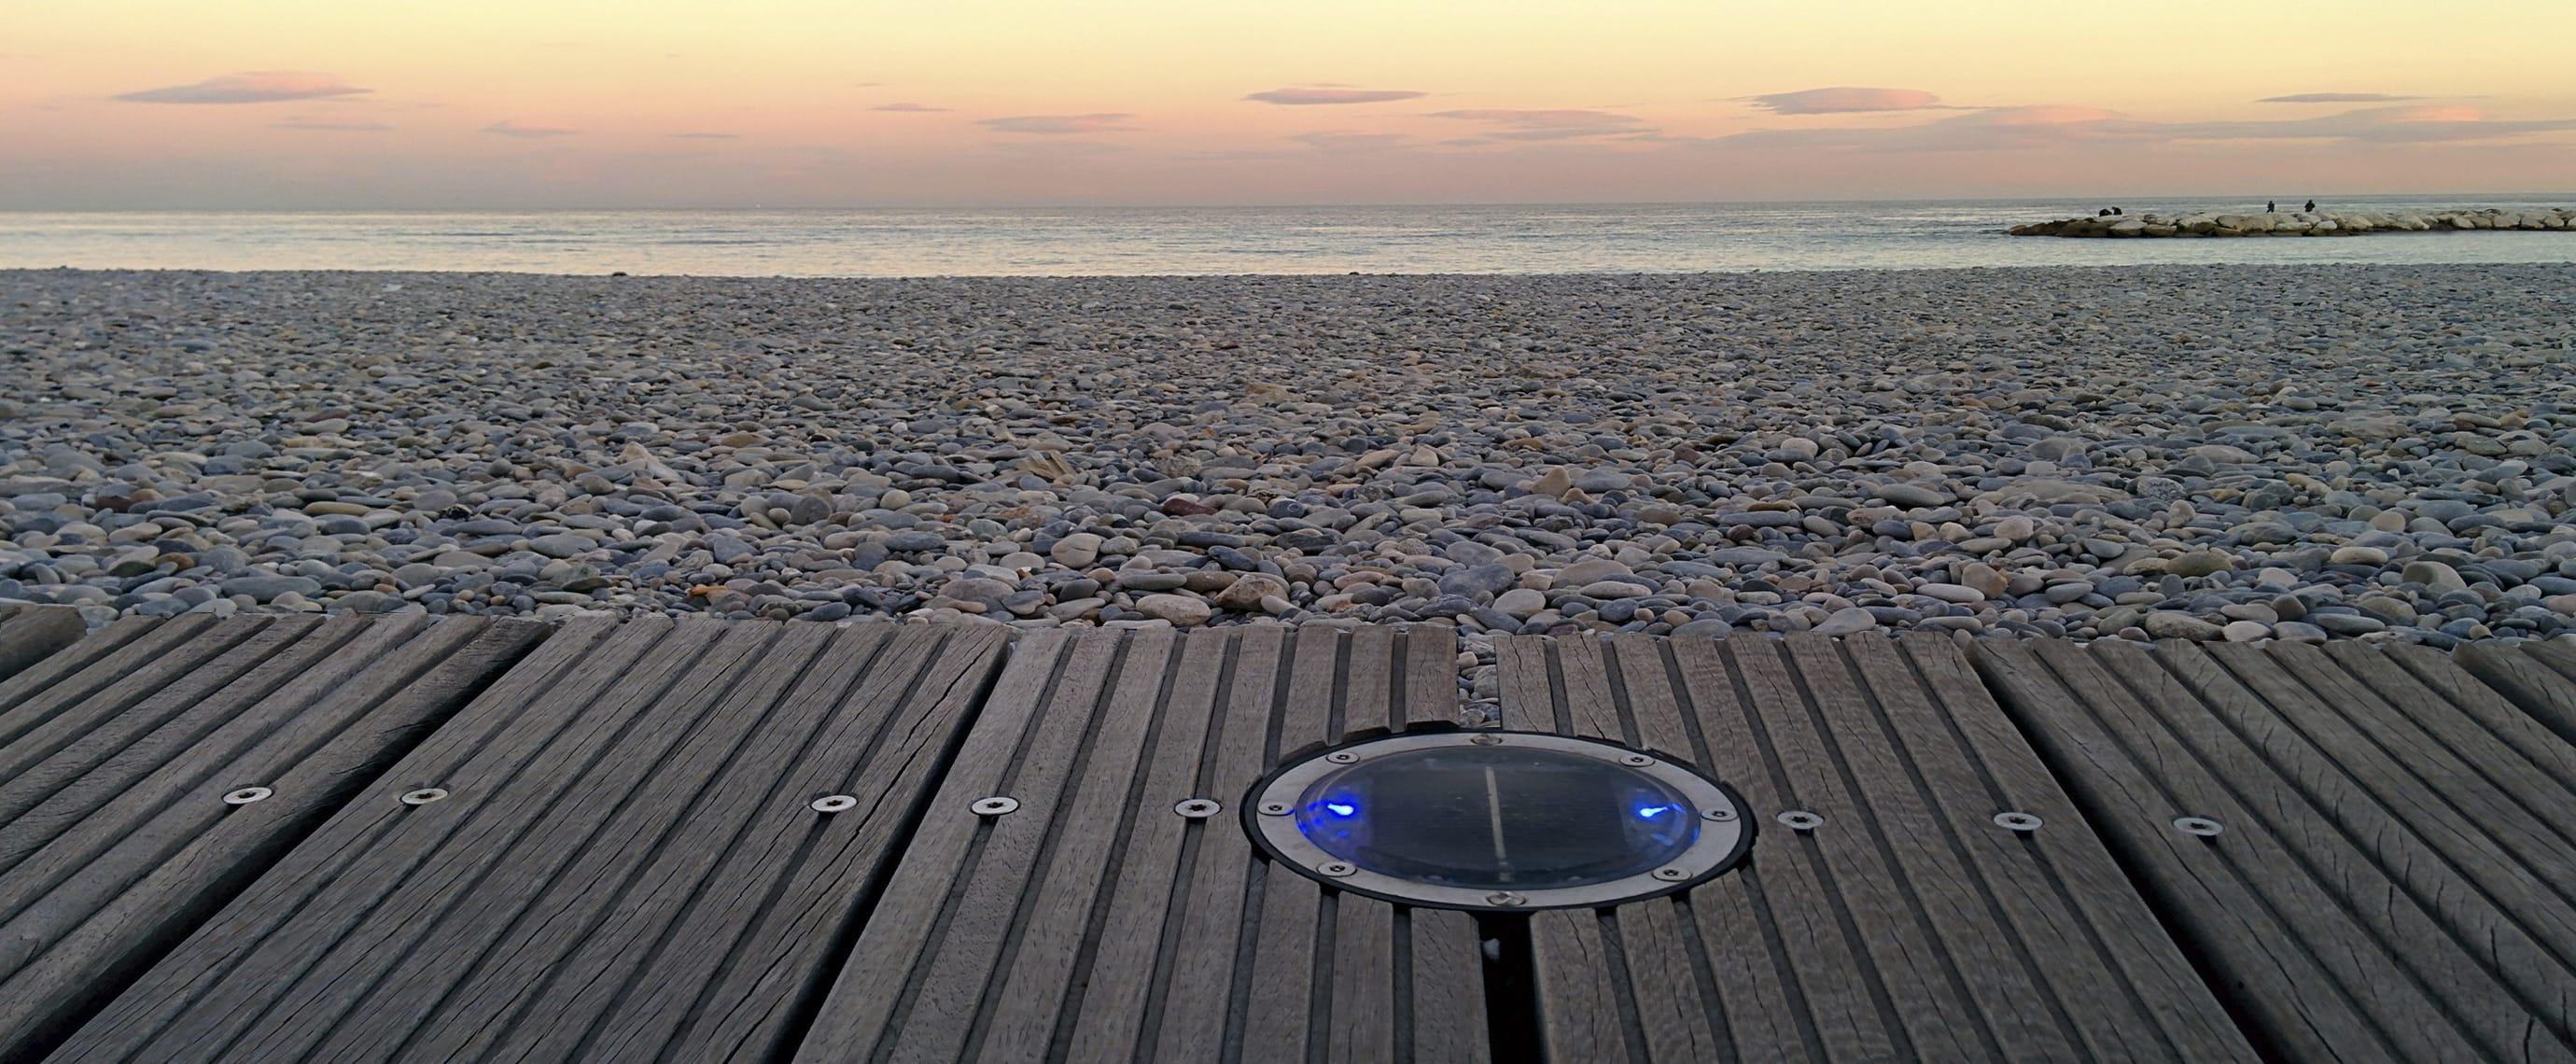 Balisage de promenade en bord de mer